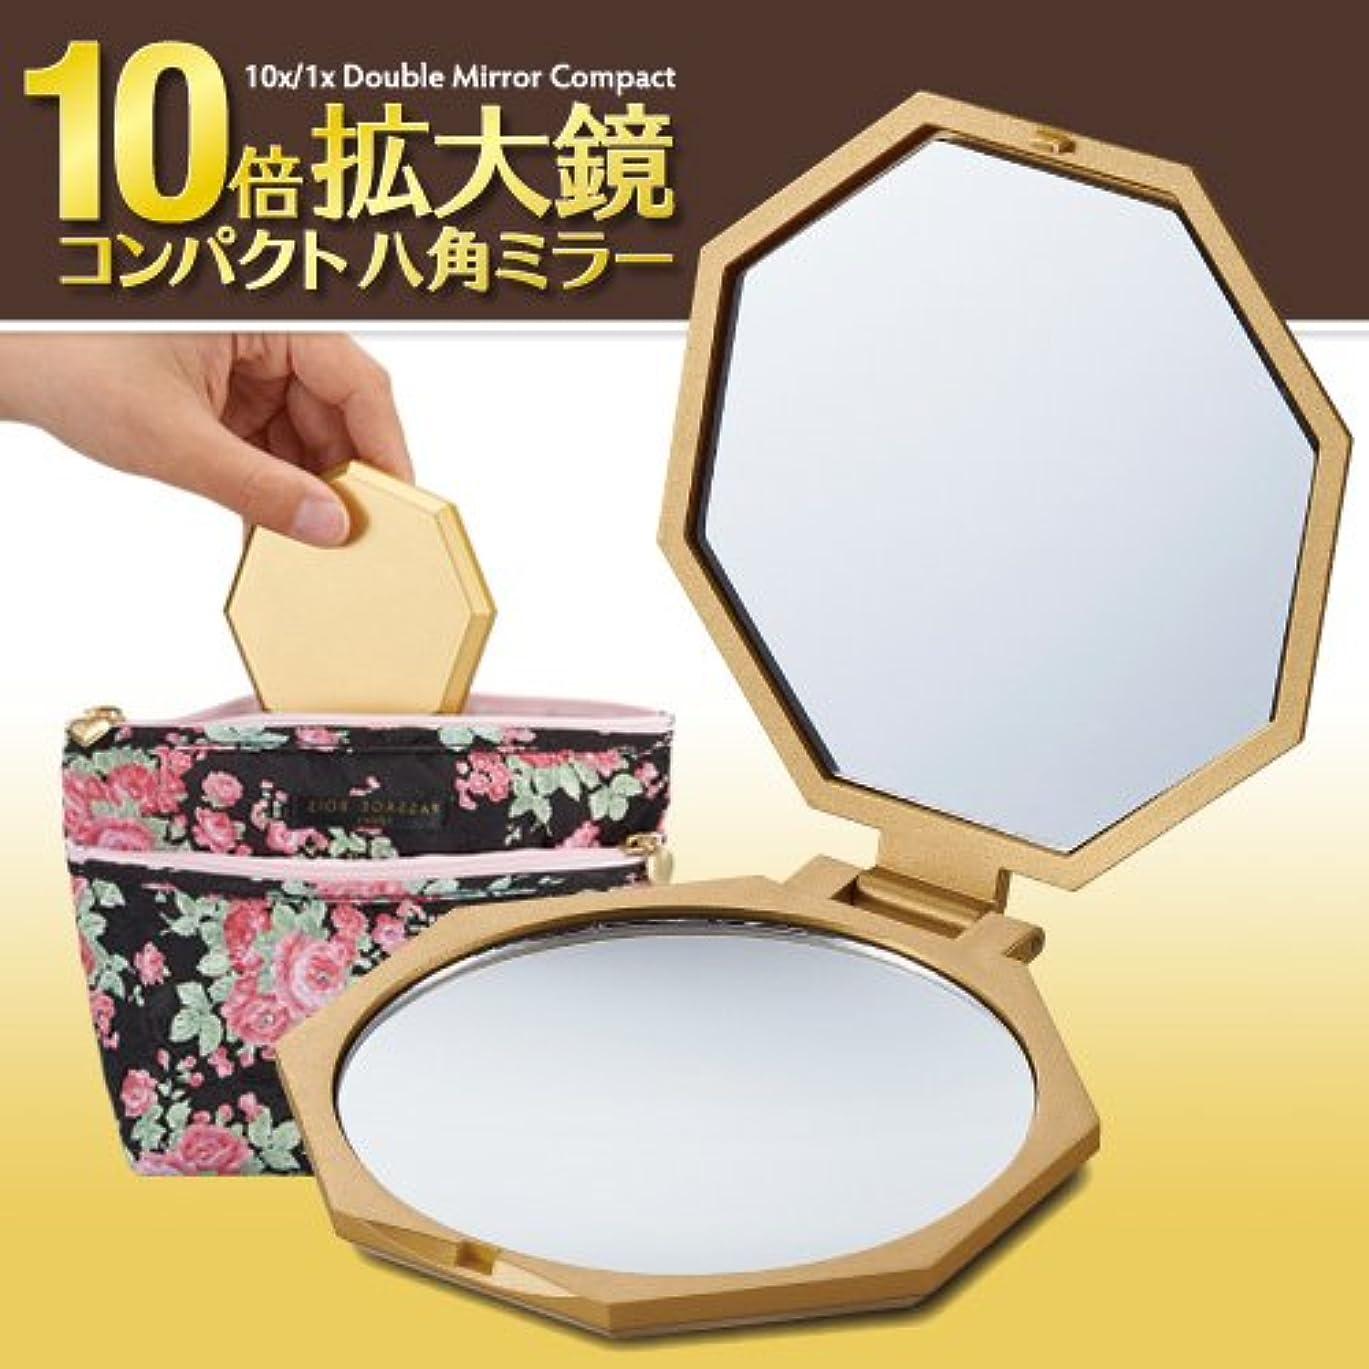 警報続編爆発物八角形×金色の風水デザイン コンパクトな10倍拡大鏡付きミラー【携帯ミラー アイメイクなどの細かいお化粧用鏡】